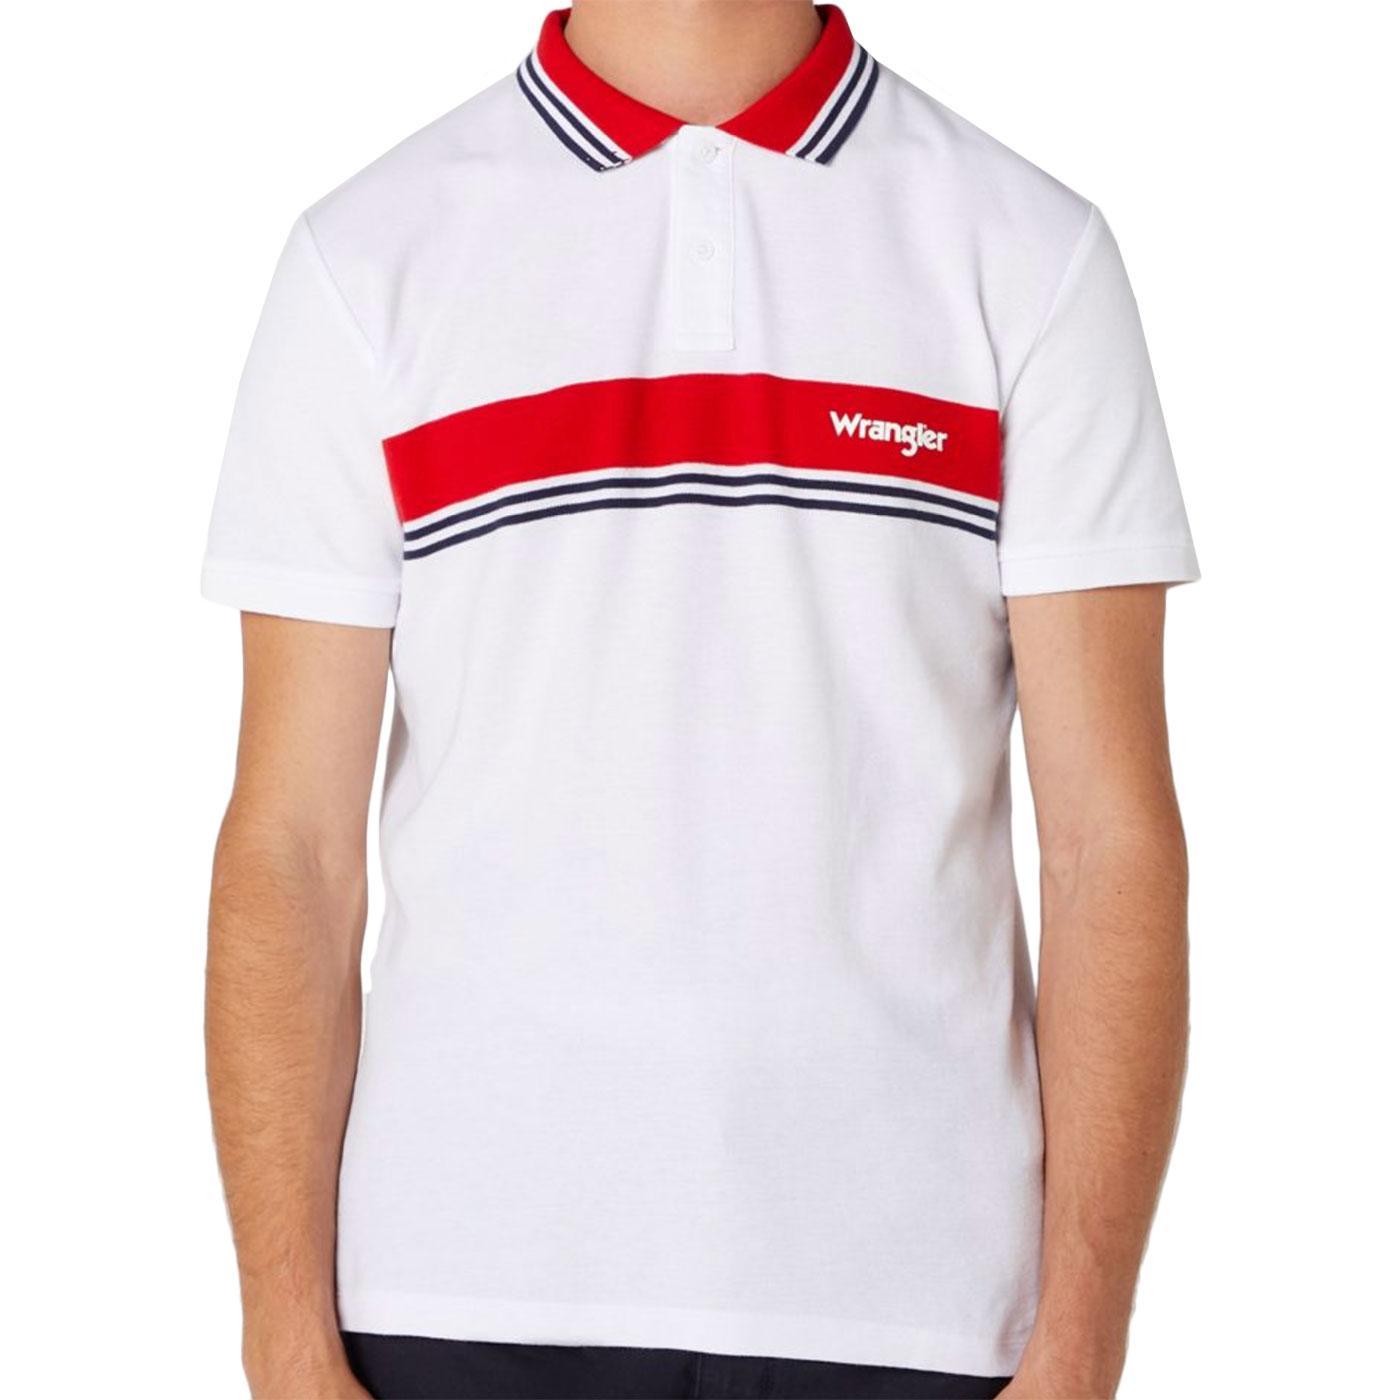 WRANGLER Men's Retro Colour Block Polo Top (White)